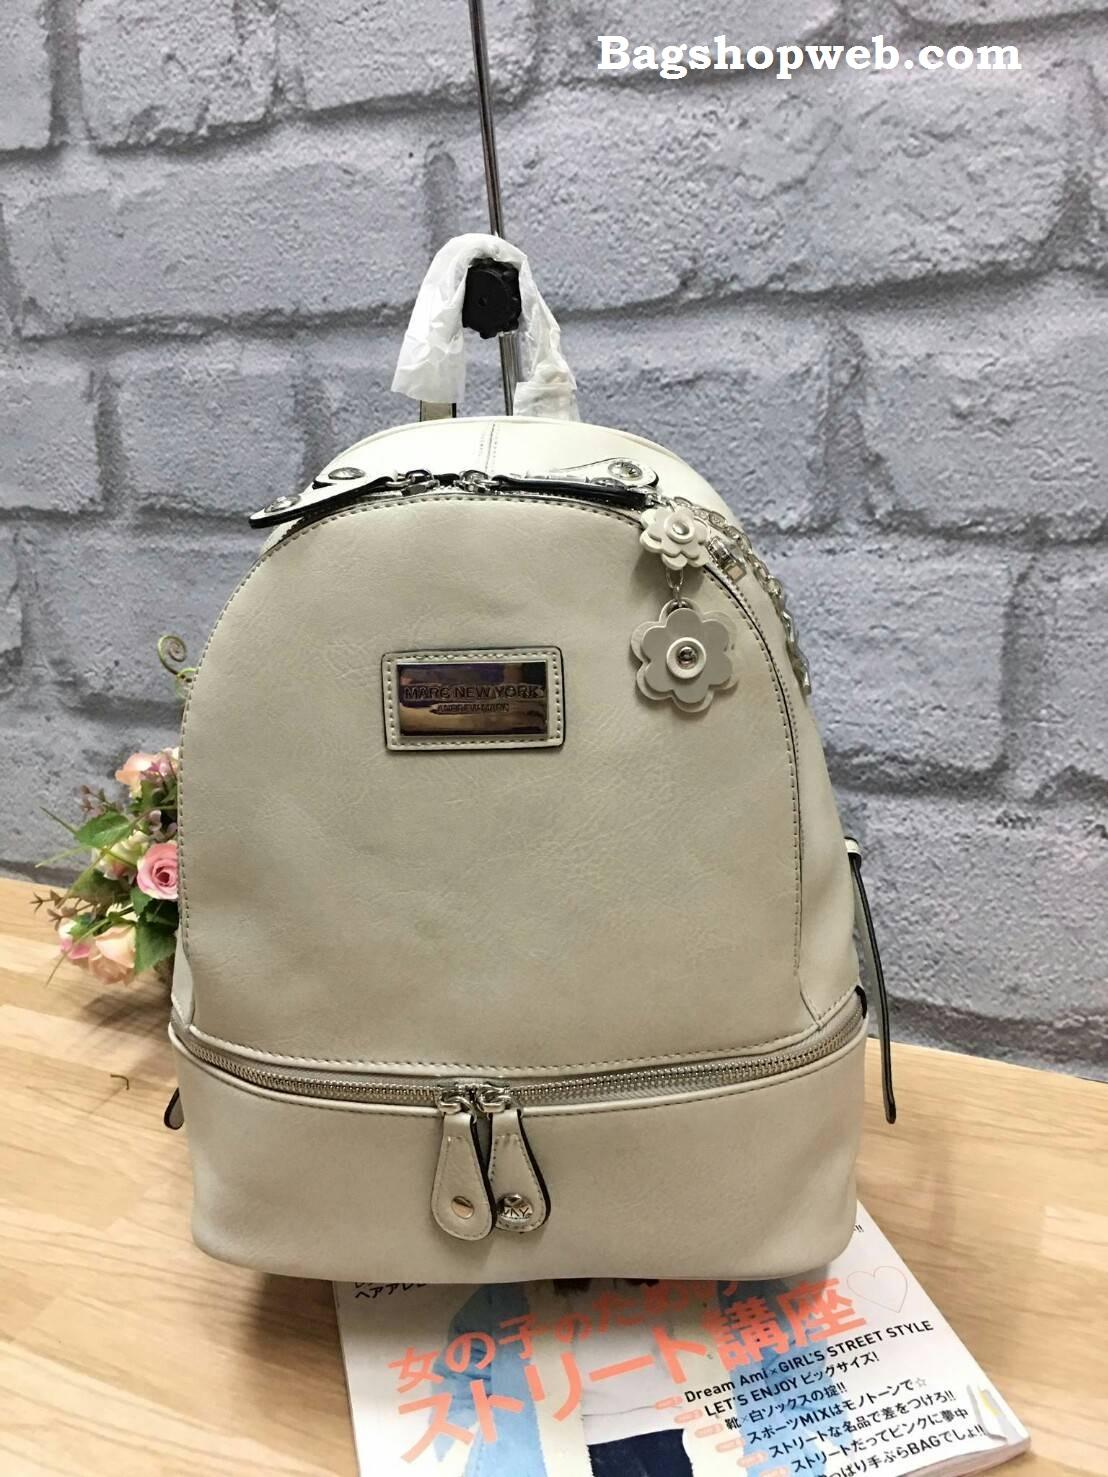 กระเป๋า Marc Newyork leather rucksack สีครีม ราคา 1,290 บาท Free ems